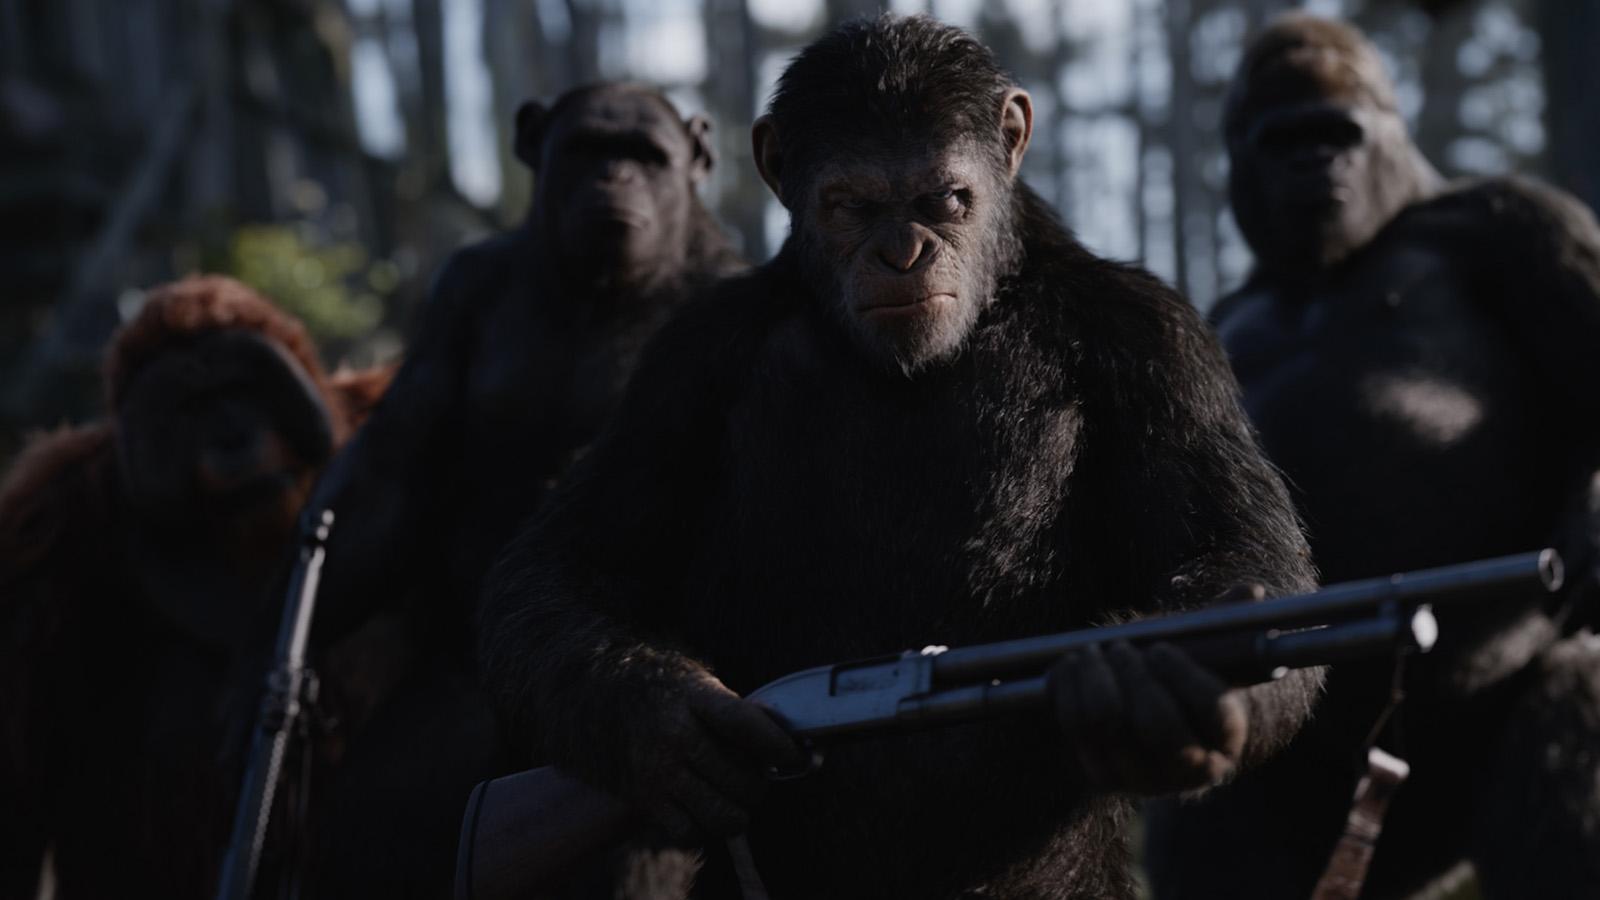 Planet-der-Affen-Survival-20th-Century-Fox